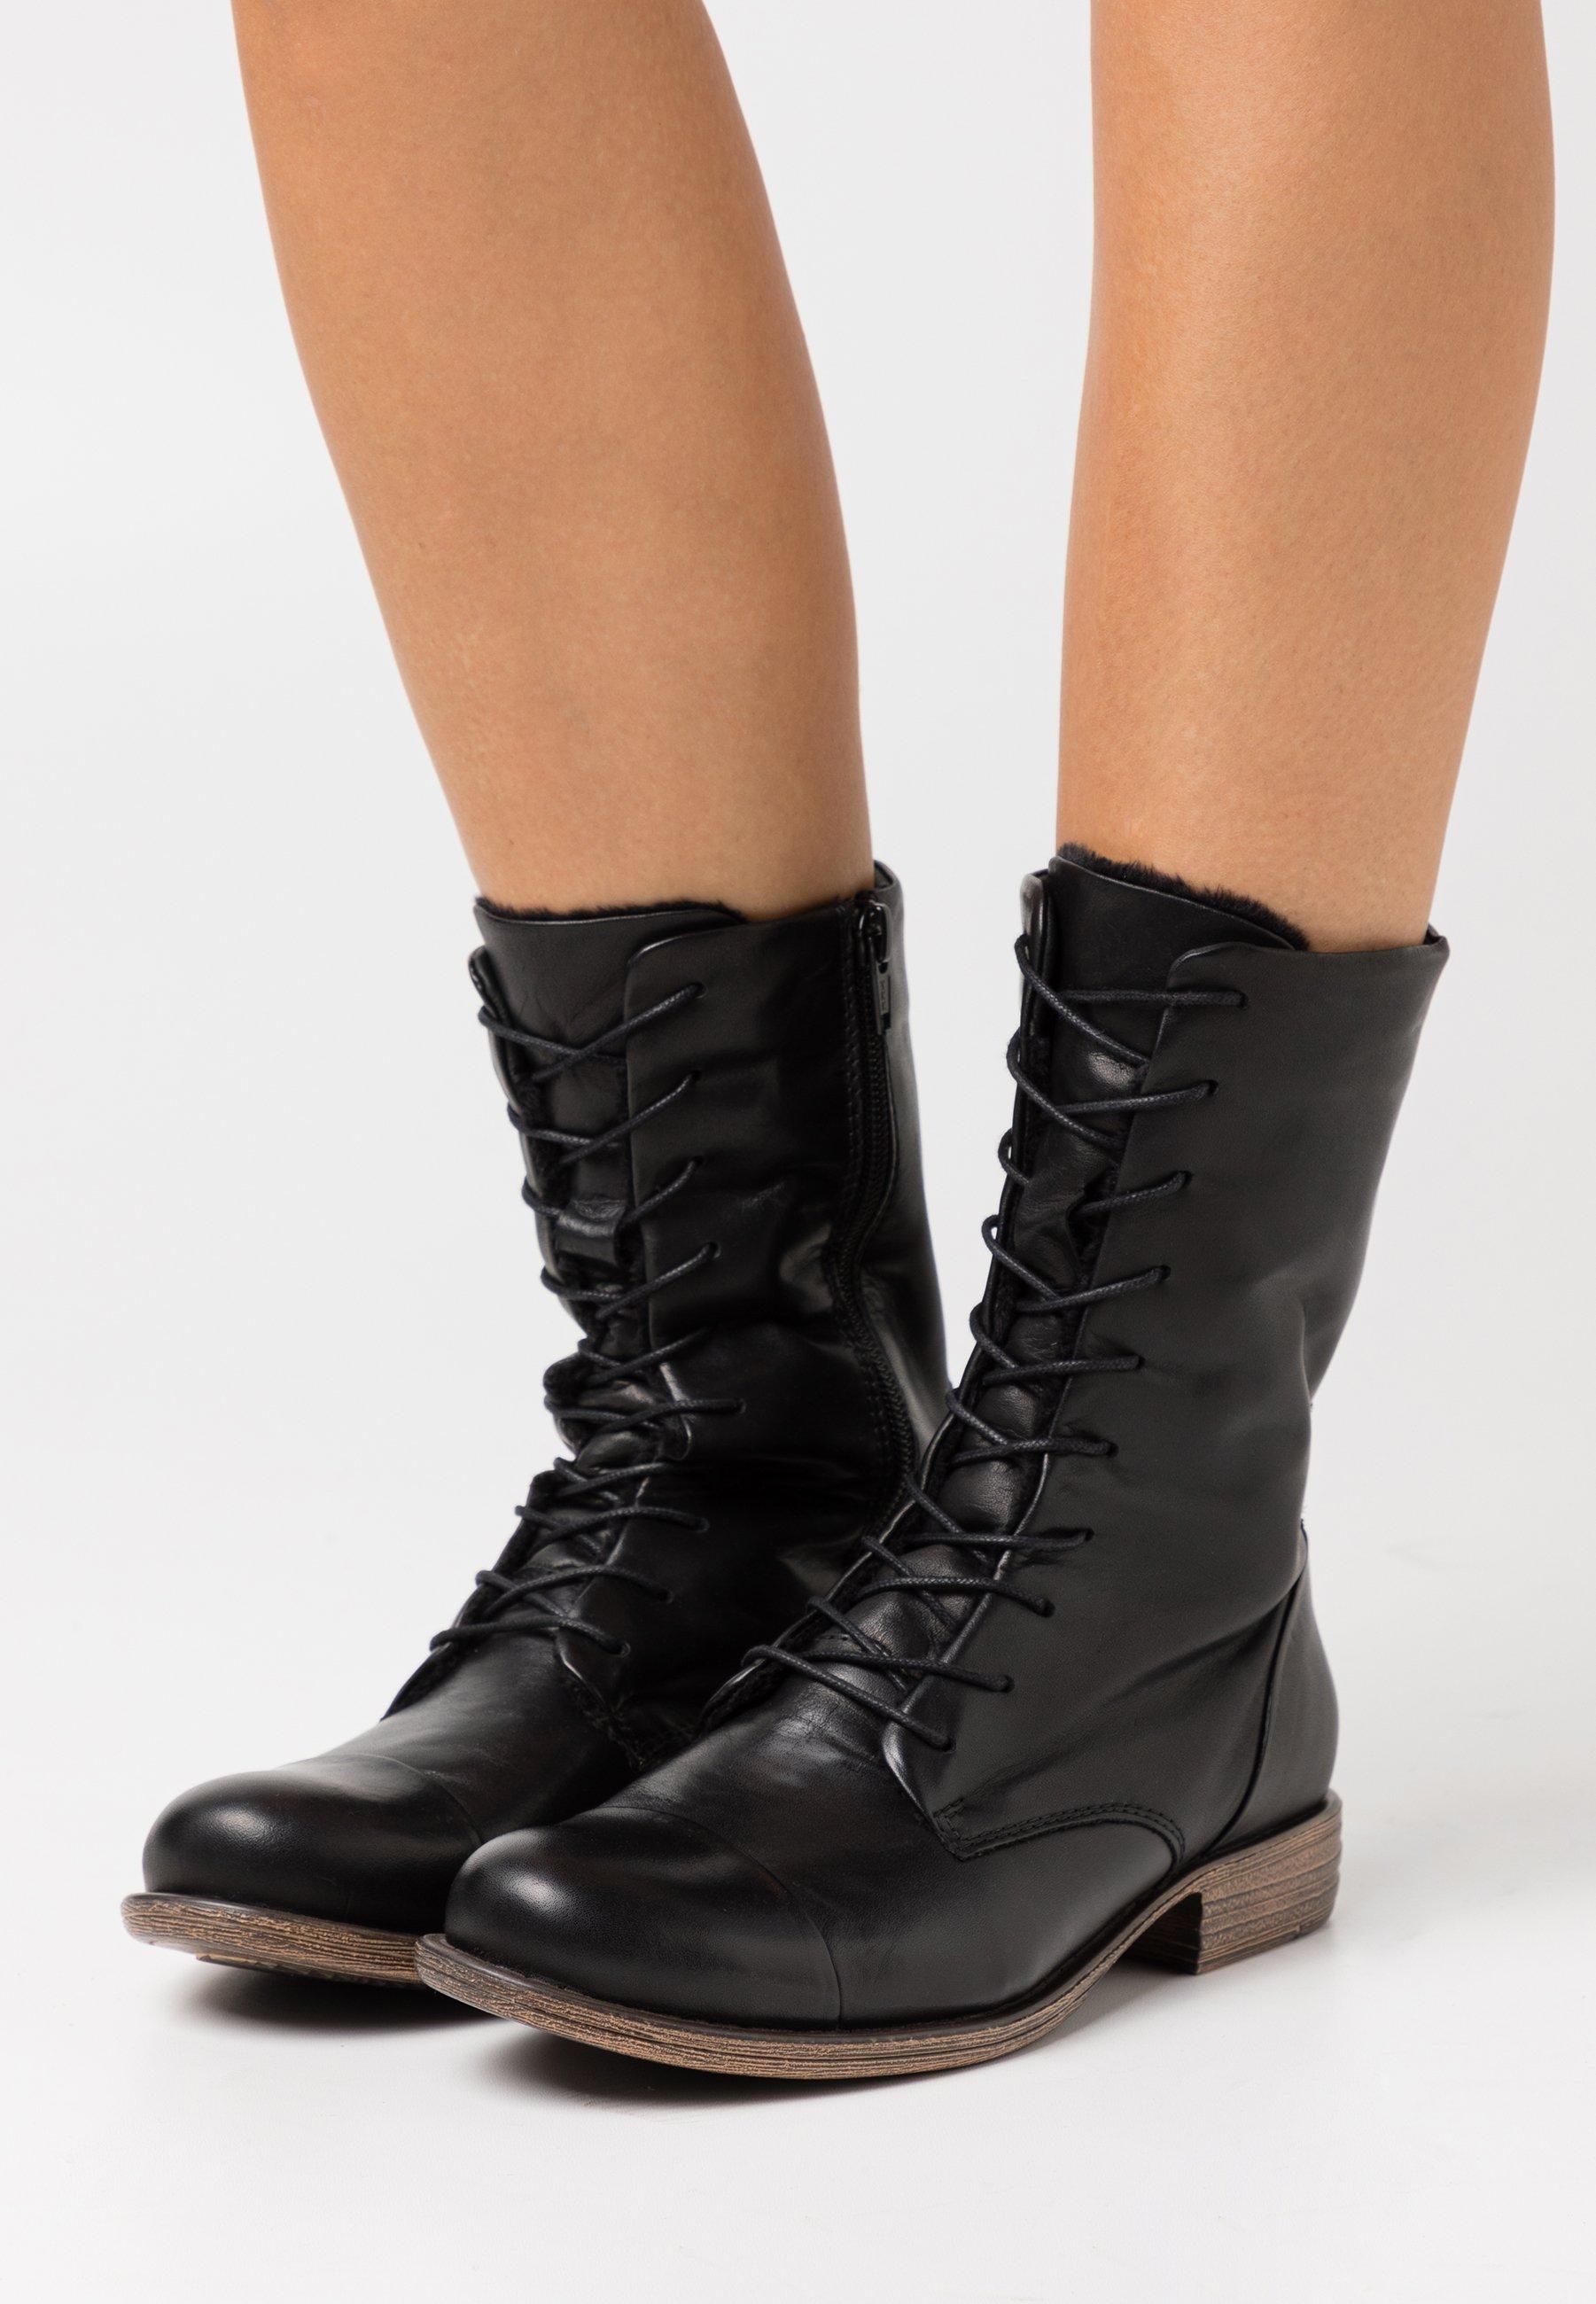 Femme LEATHER - Bottes à lacets - black